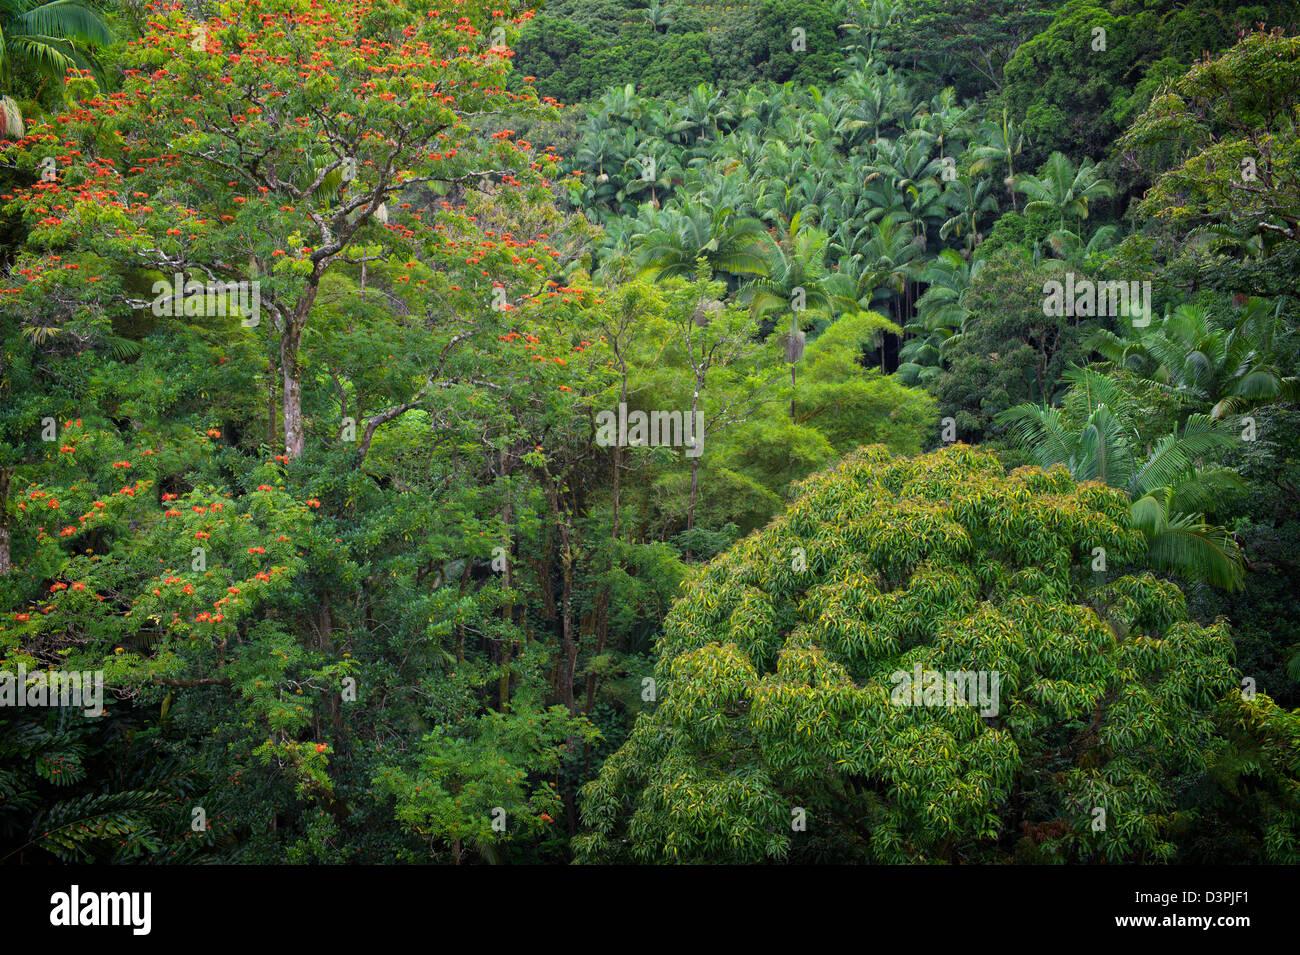 Regenwald mit afrikanischen Tulpenbaum in voller Blüte. Hanaunau Küste. Hawaii, Big Island. Stockbild